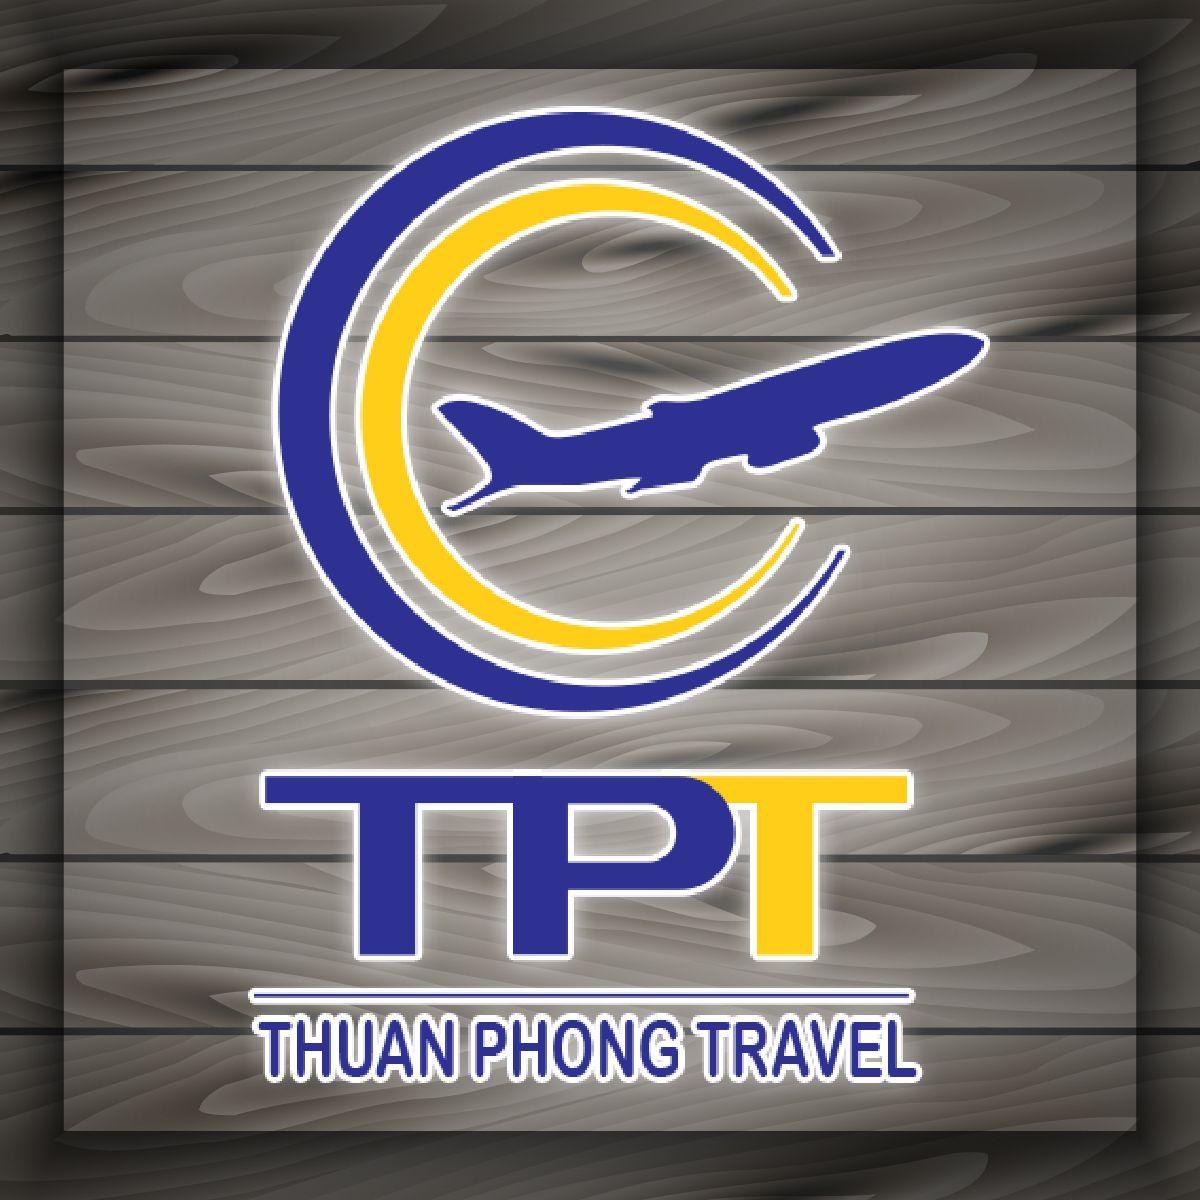 logo-tpt-old-01-01